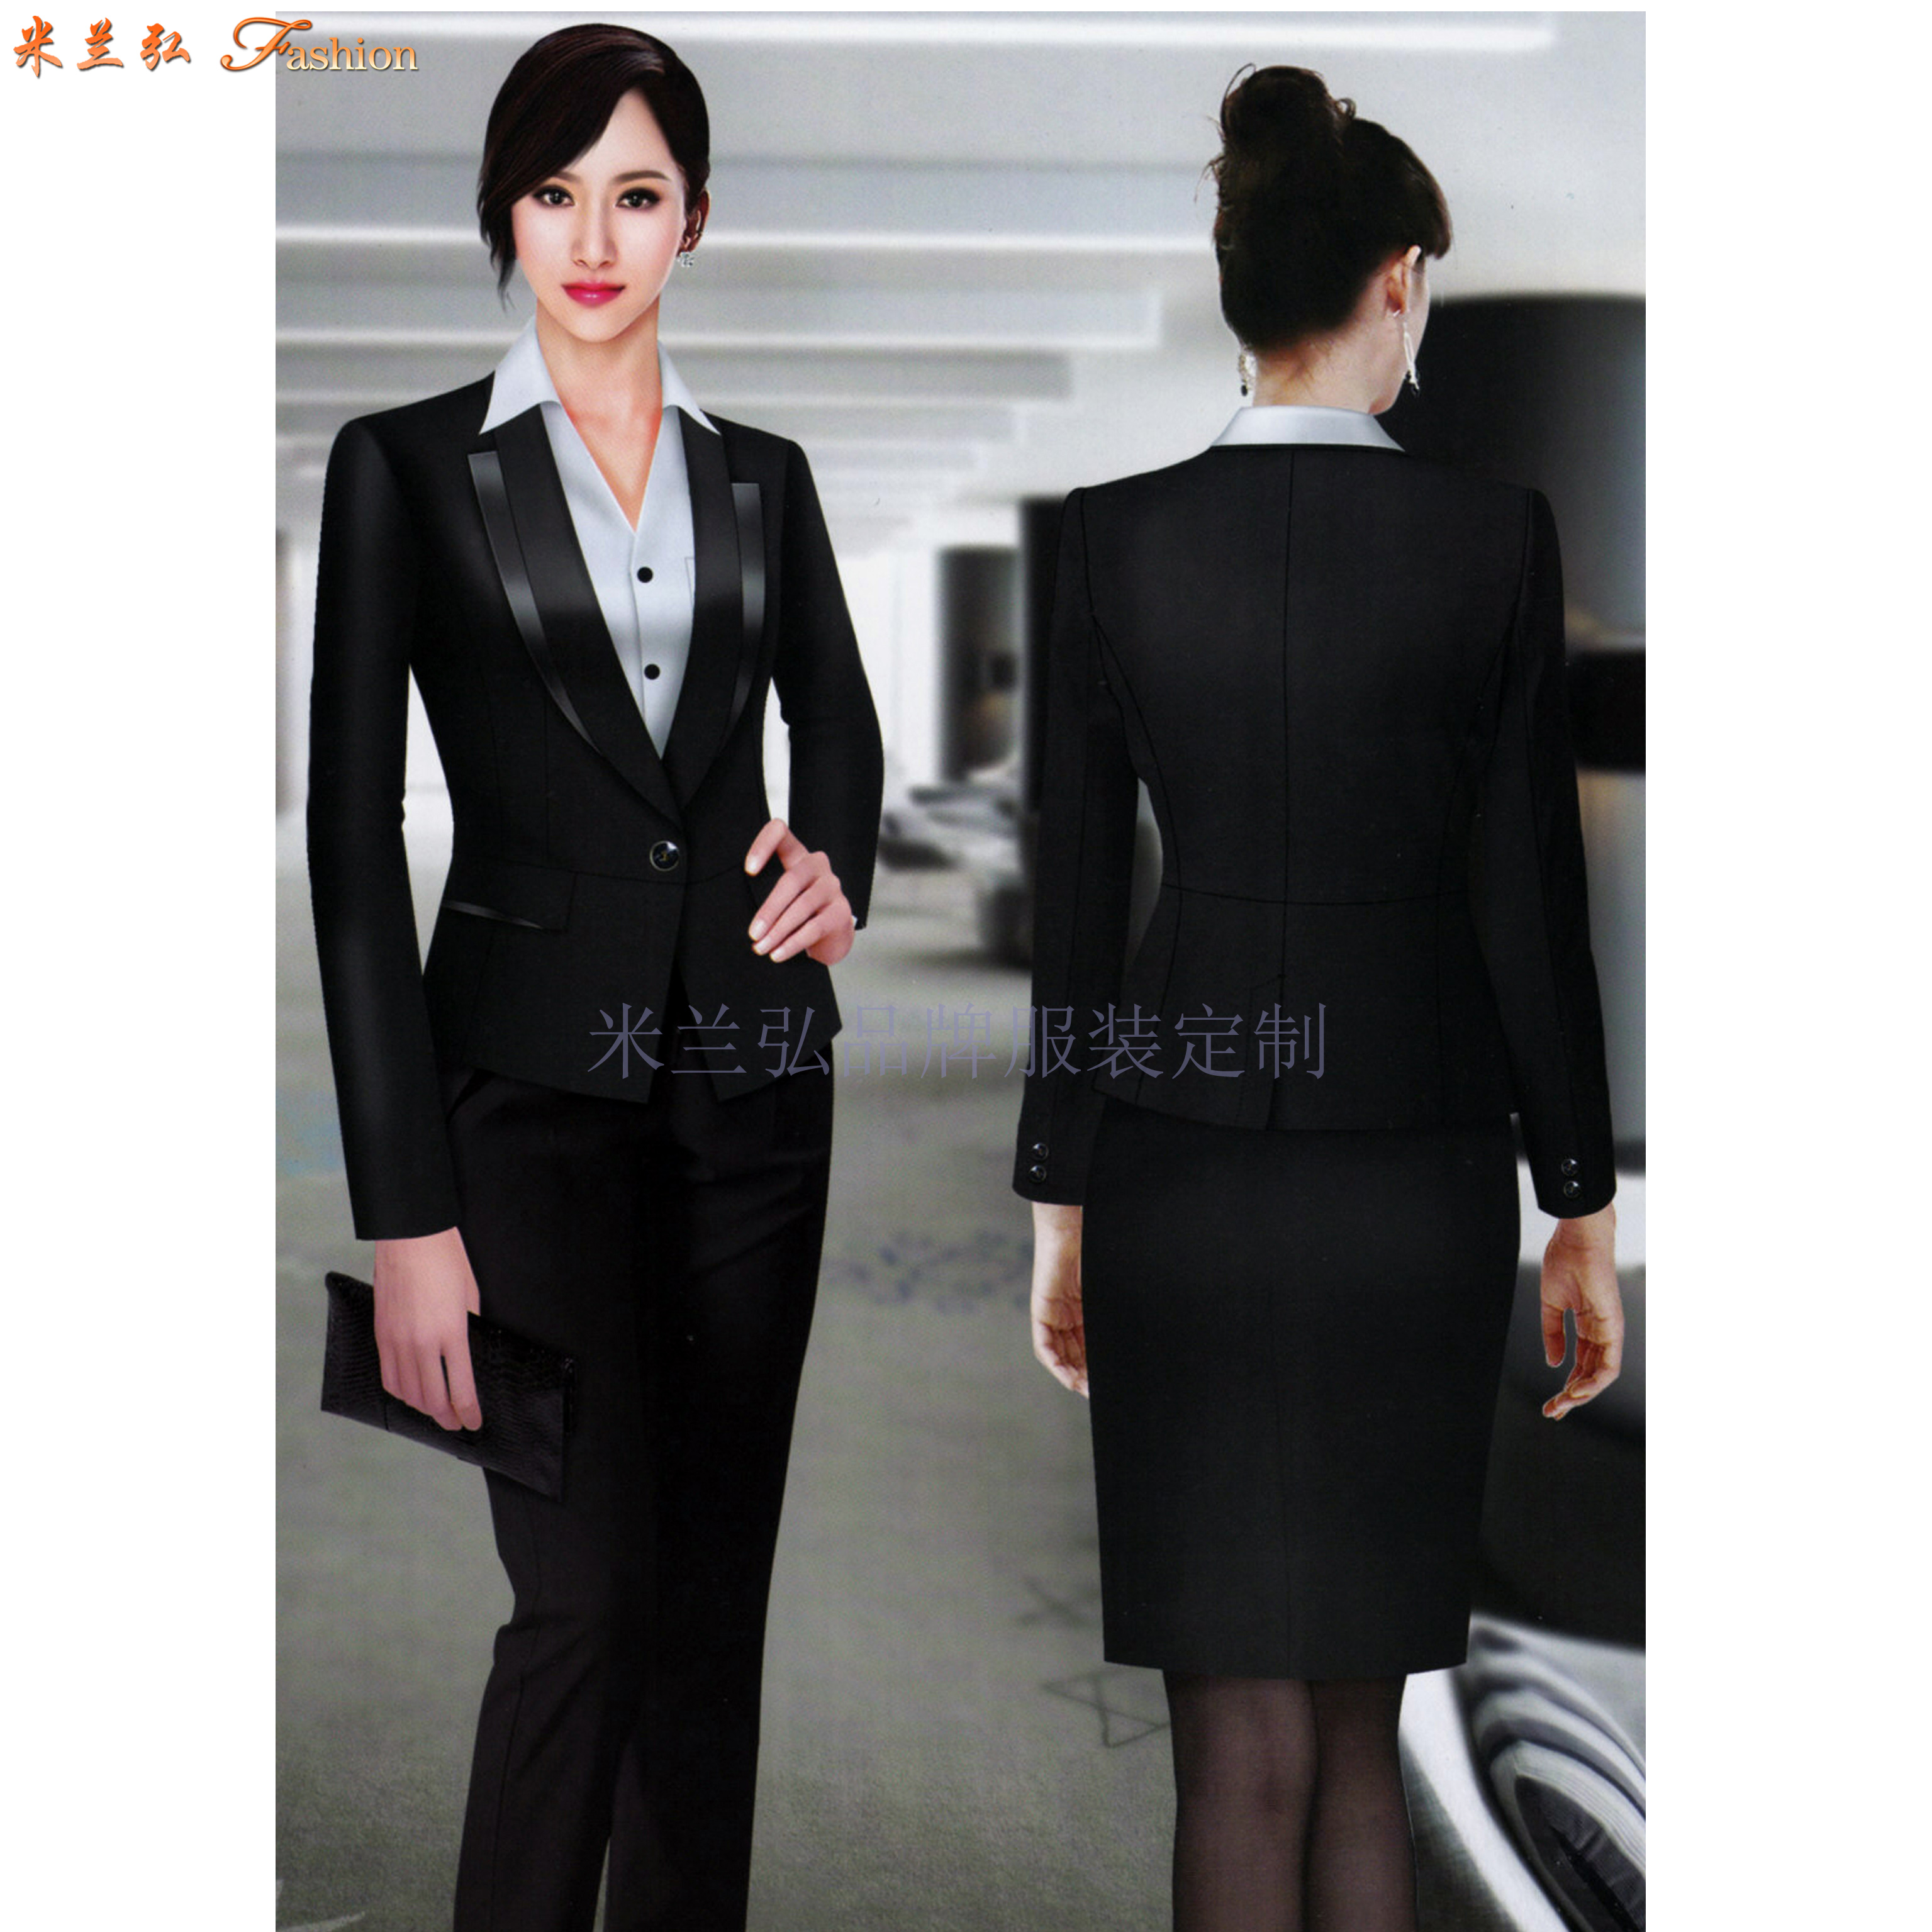 北京高端職業裝定制品牌-米蘭弘公司設計制作職業裝新款女裝圖片-6